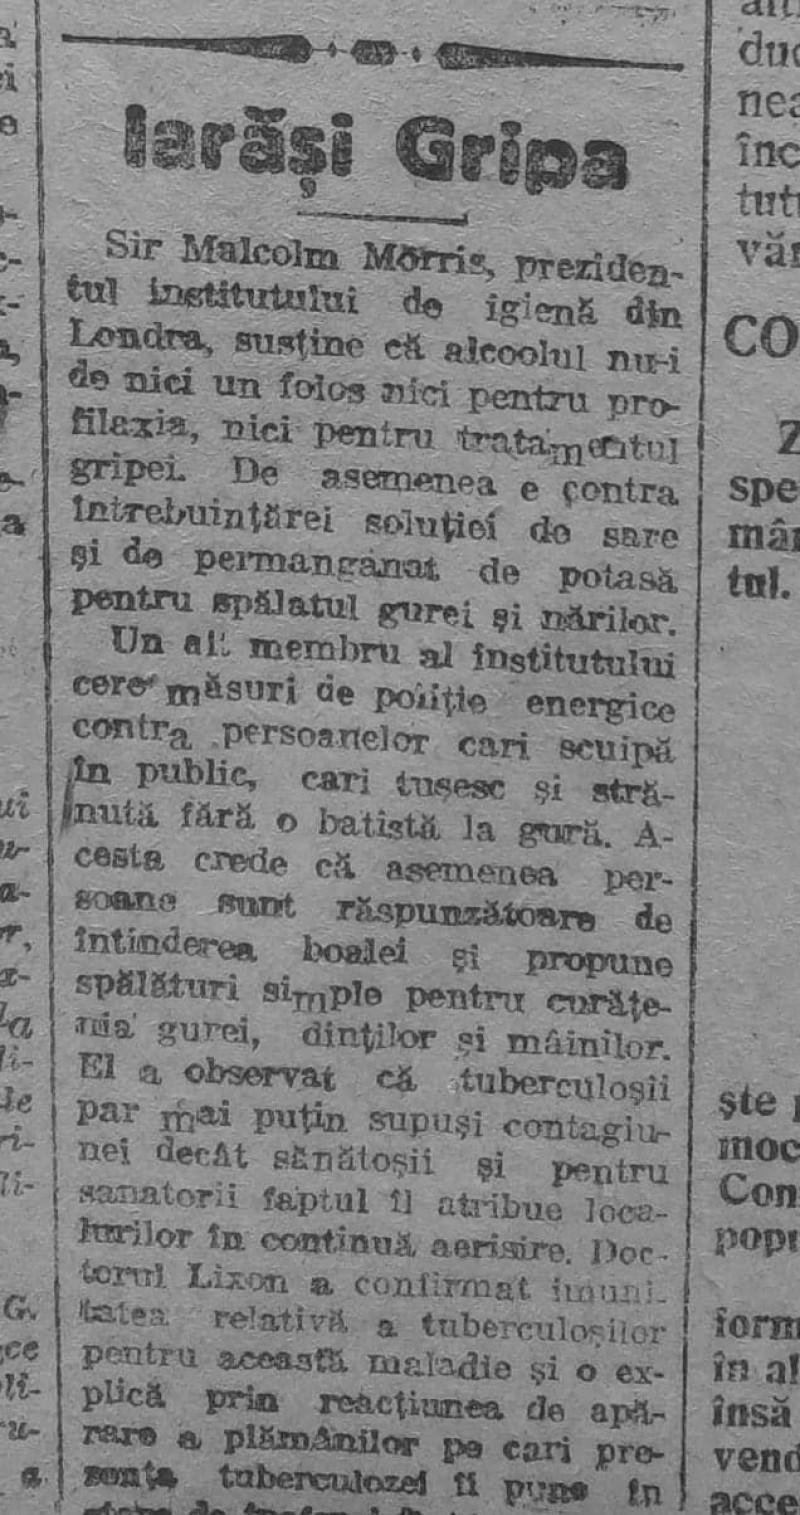 știre despre gripa spaniolă, în ziarul Universul, 7 martie 1919